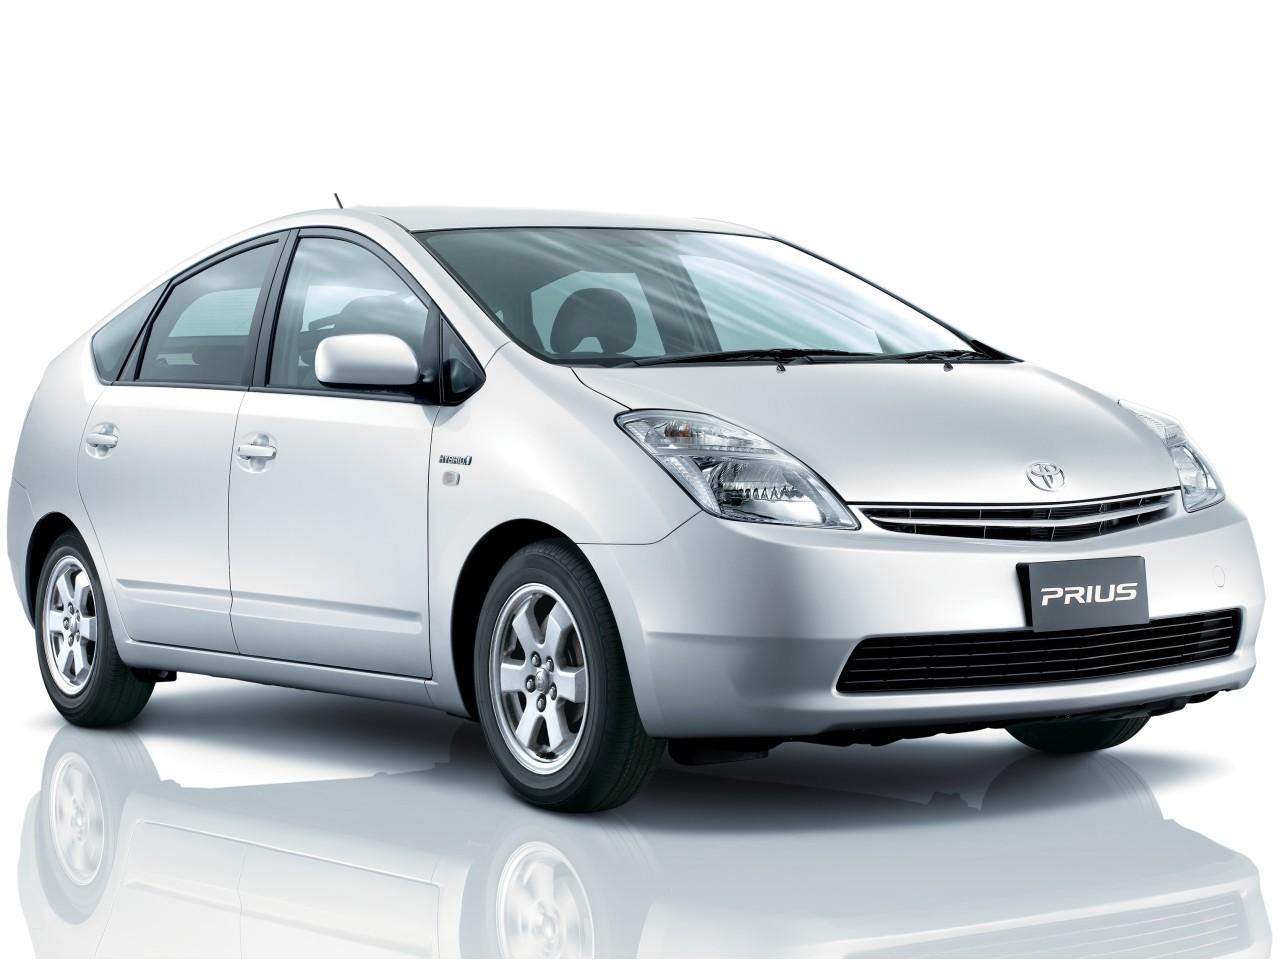 トヨタ プリウス 2003年モデル 新車画像